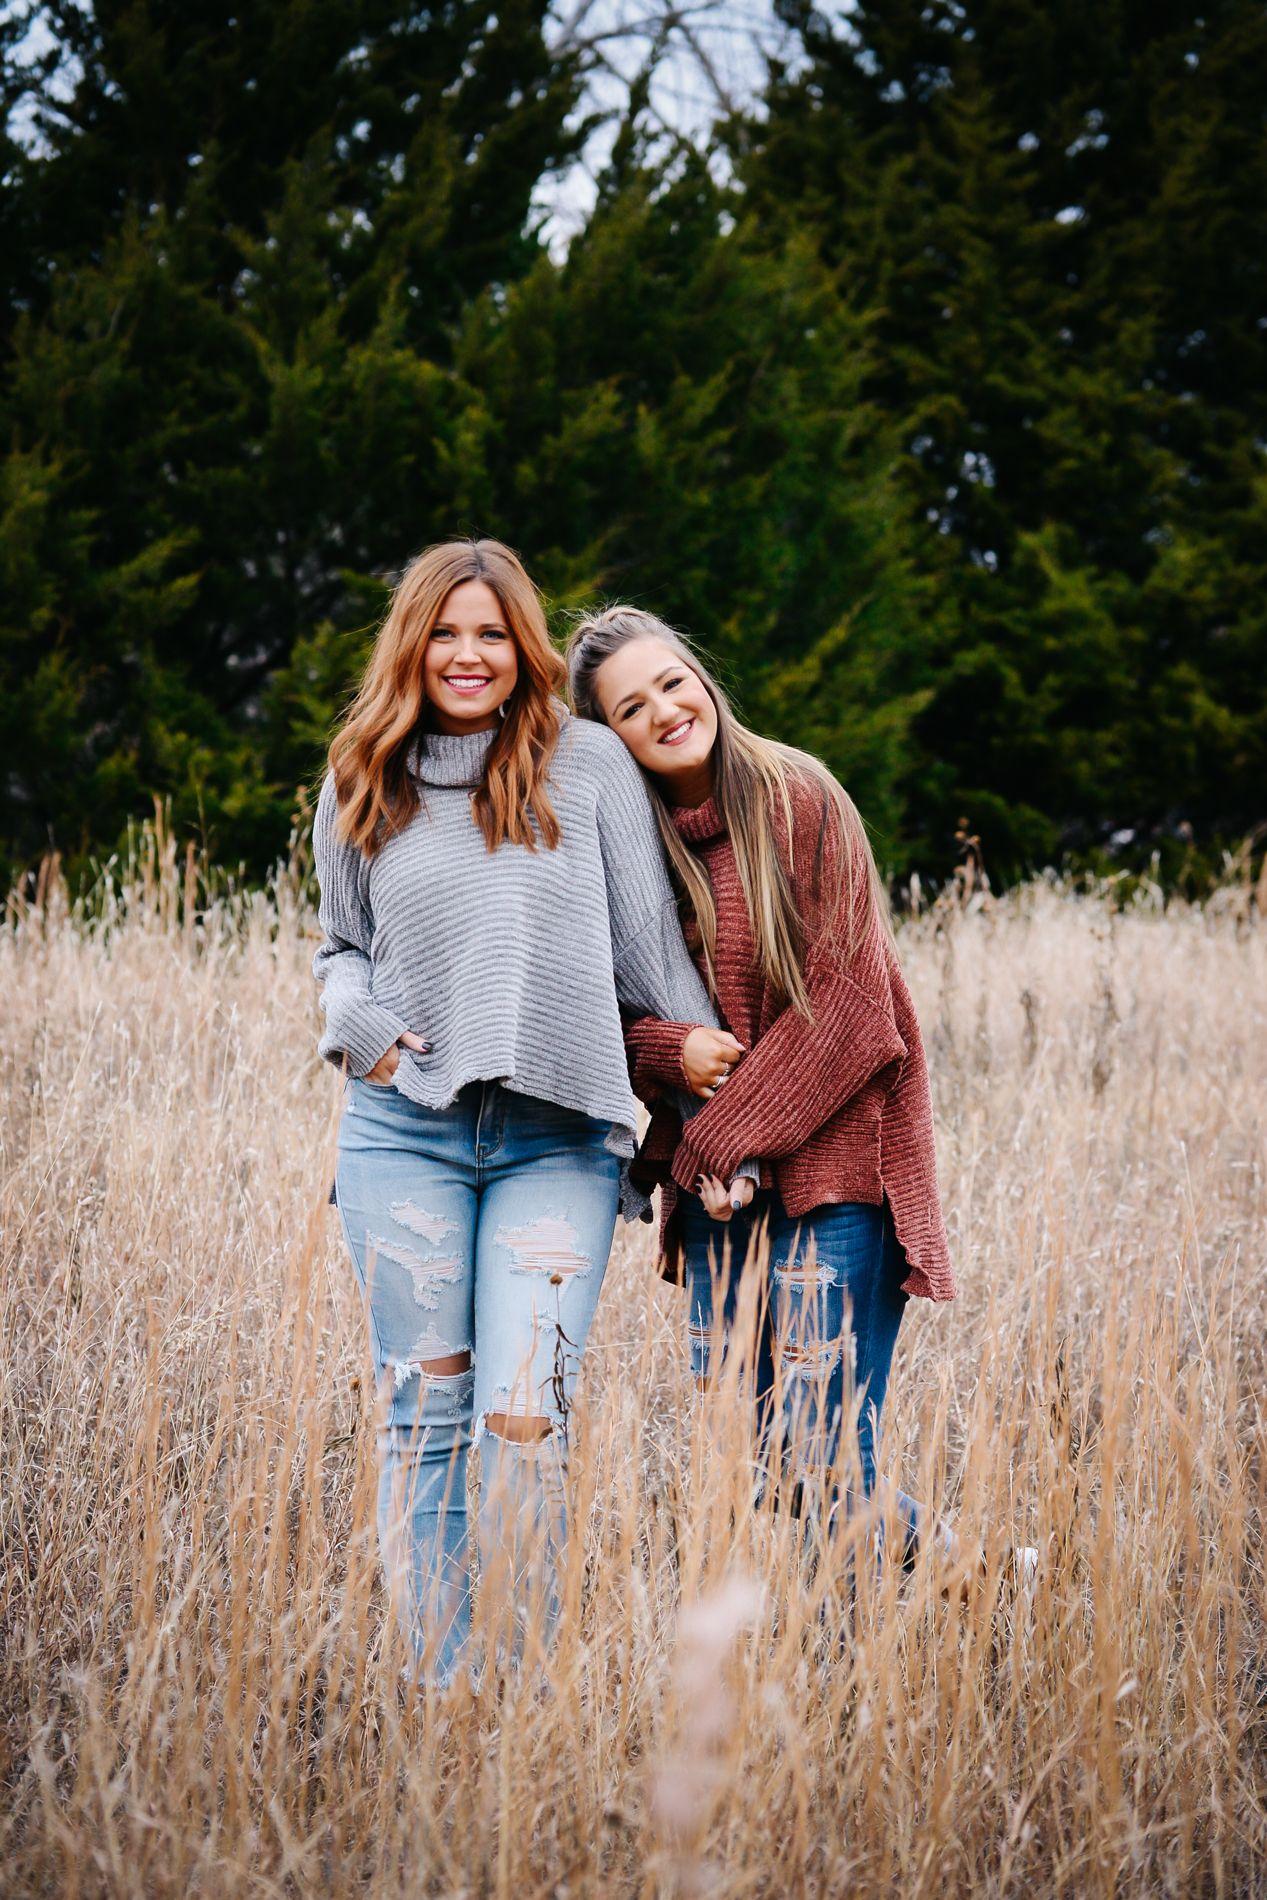 """Du wirst es in diesem Pullover """"nach oben schaffen""""! Zwei meiner Lieblingssachen sind: Chenille und übergroße Pullover. Mädchen! Es ist so weich und so c …"""